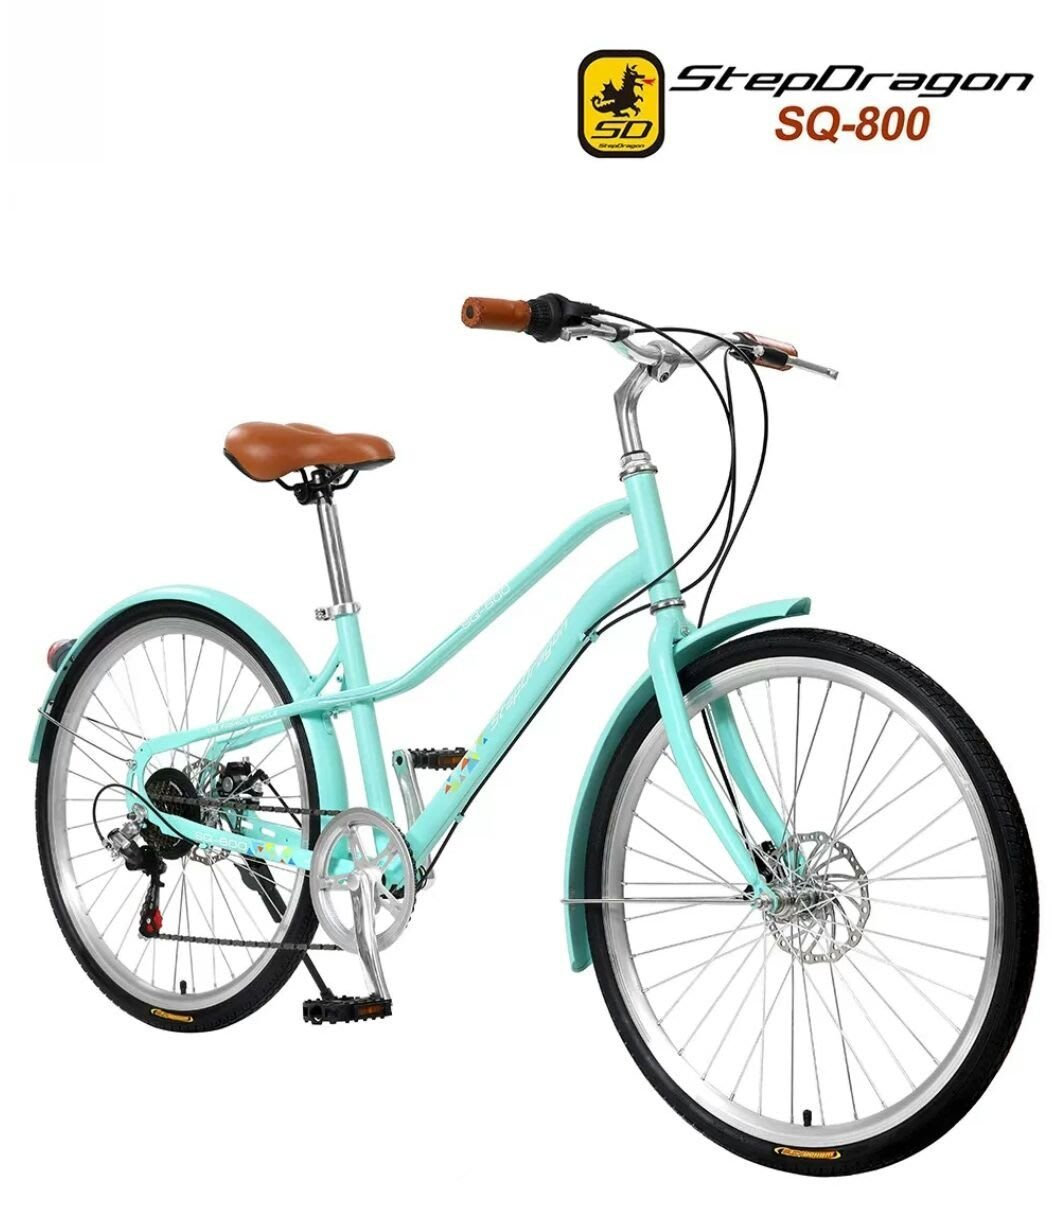 助力車產品展示會 新竹場日程資訊-- 通勤 電動自行車 電動車 助力腳踏車